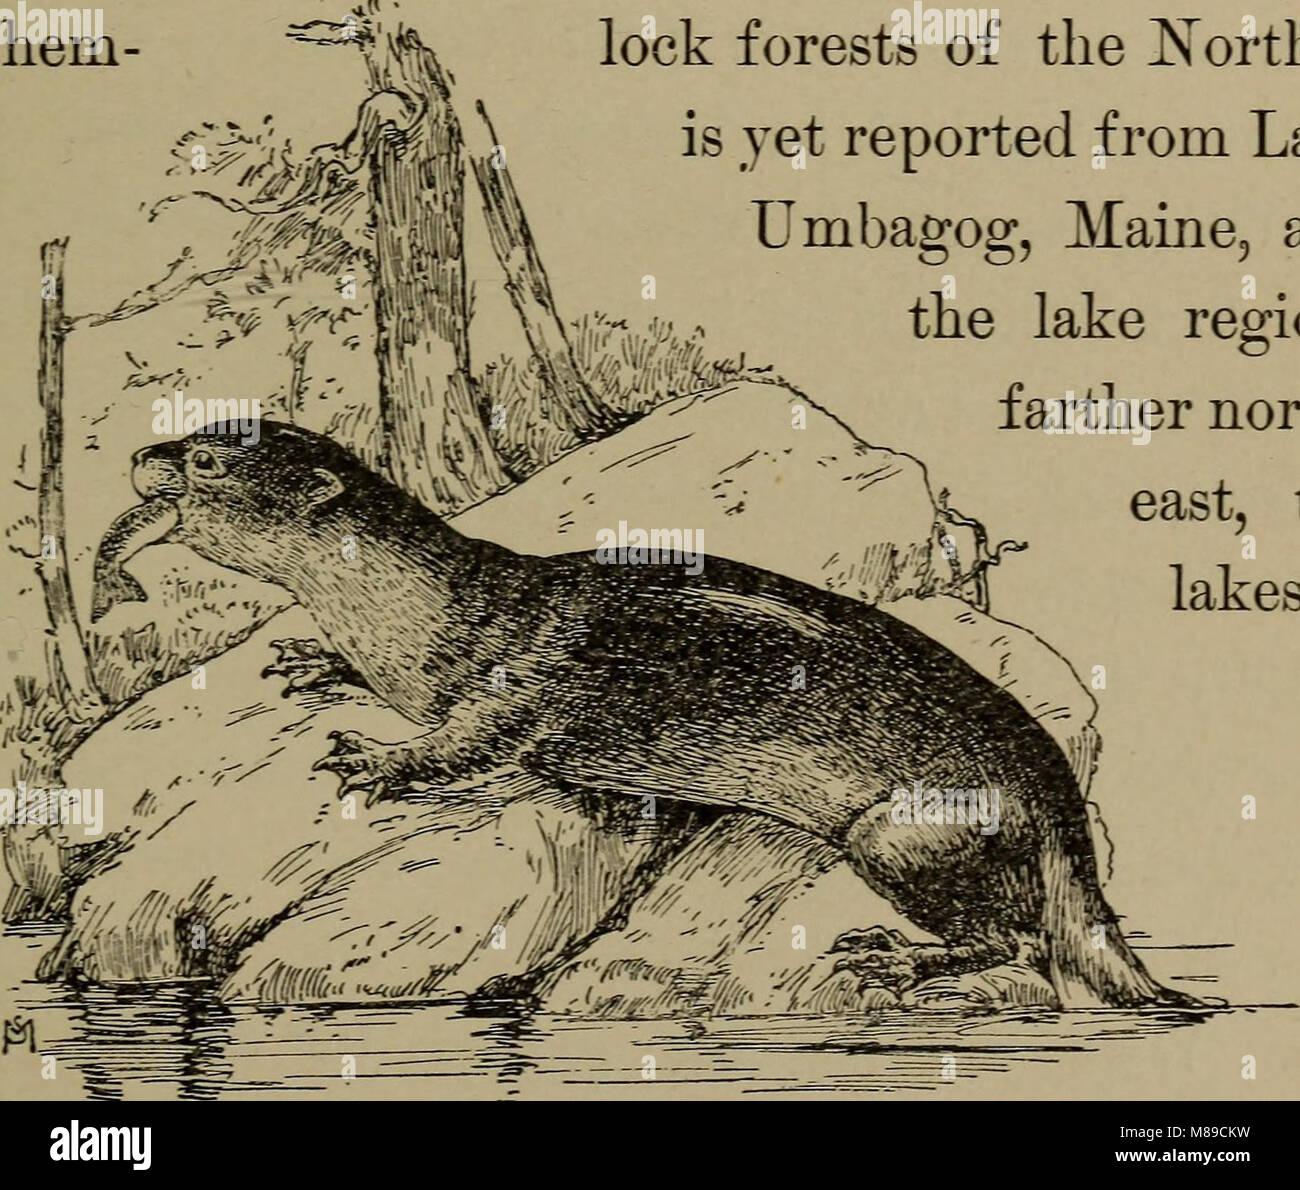 Vertraut leben in Feld und Wald; die Tiere, Vögel, Frösche und Salamander (1898) (14568749418) Stockfoto